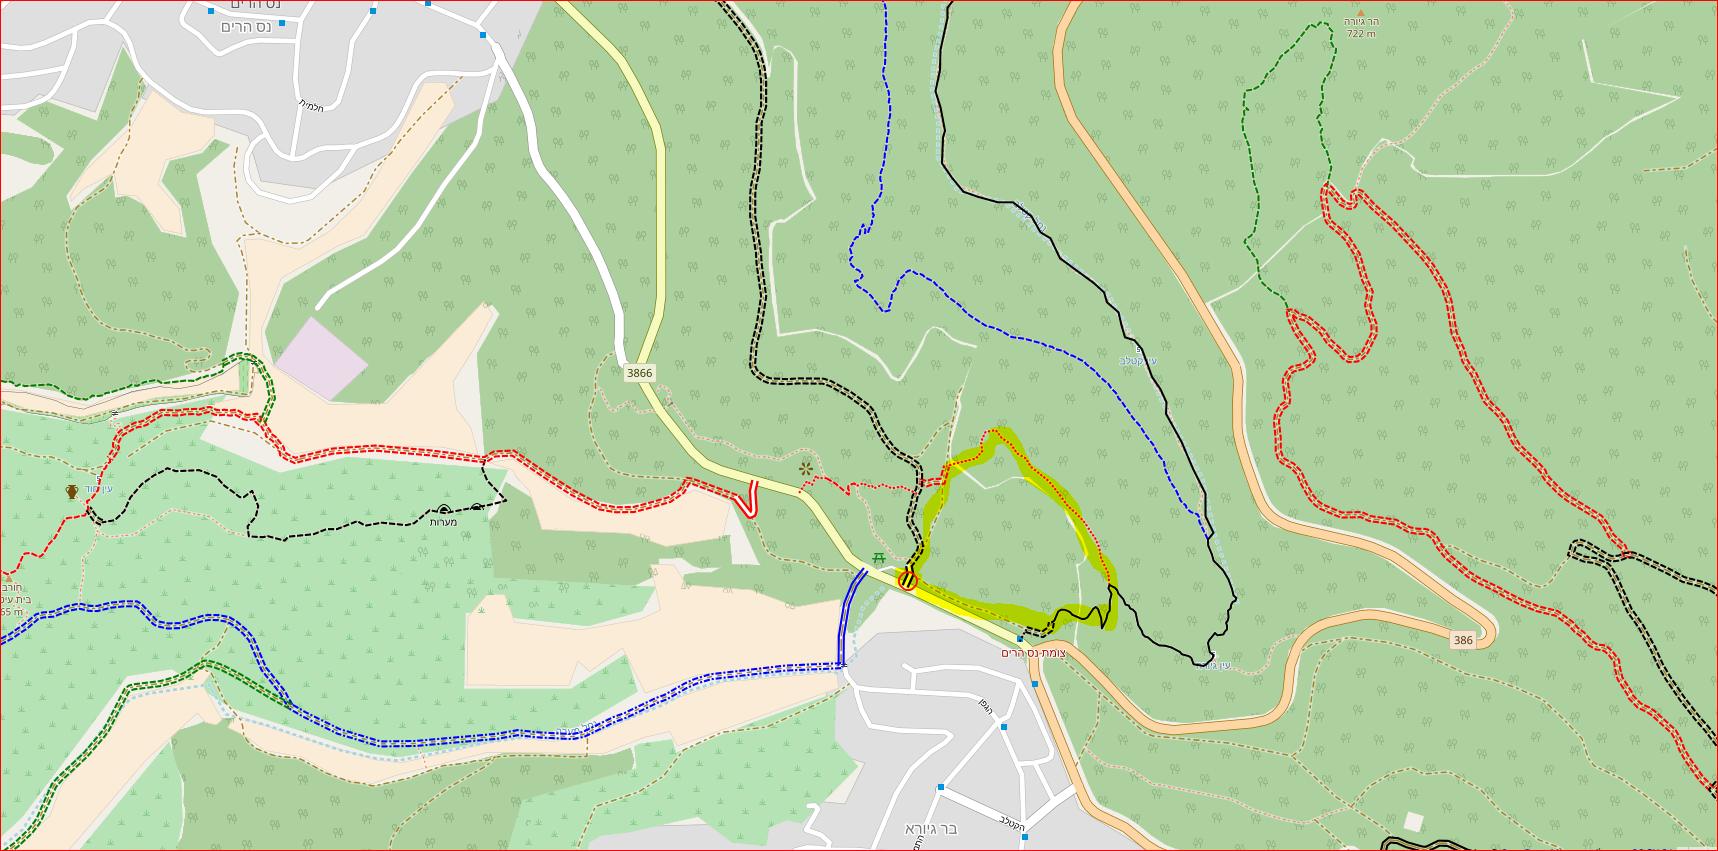 משהו רציני טיול בשביל שוסטר: מסלול מעגלי קצר בנחלים שורק וקטלב - מטיילים עם ענת HH-28